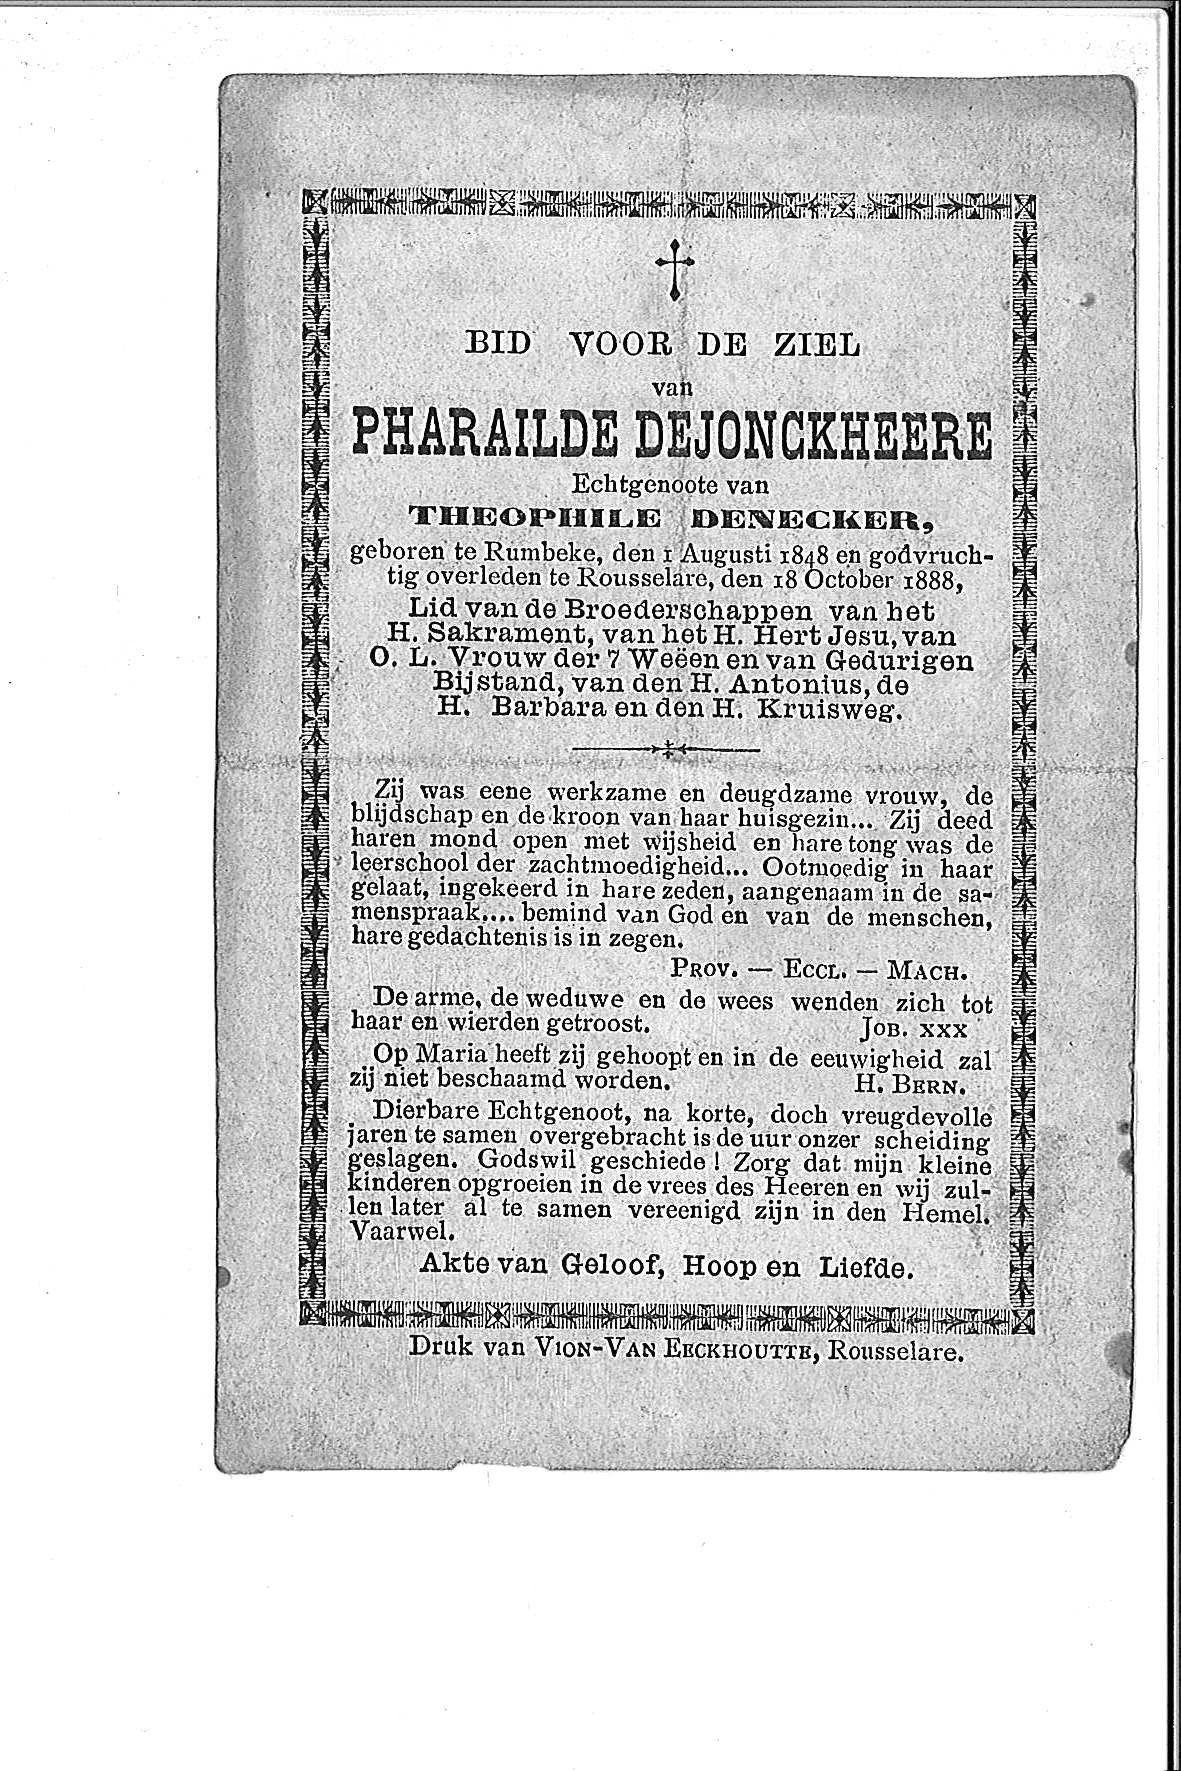 Pharailde(1888)20150429090148_00008.jpg